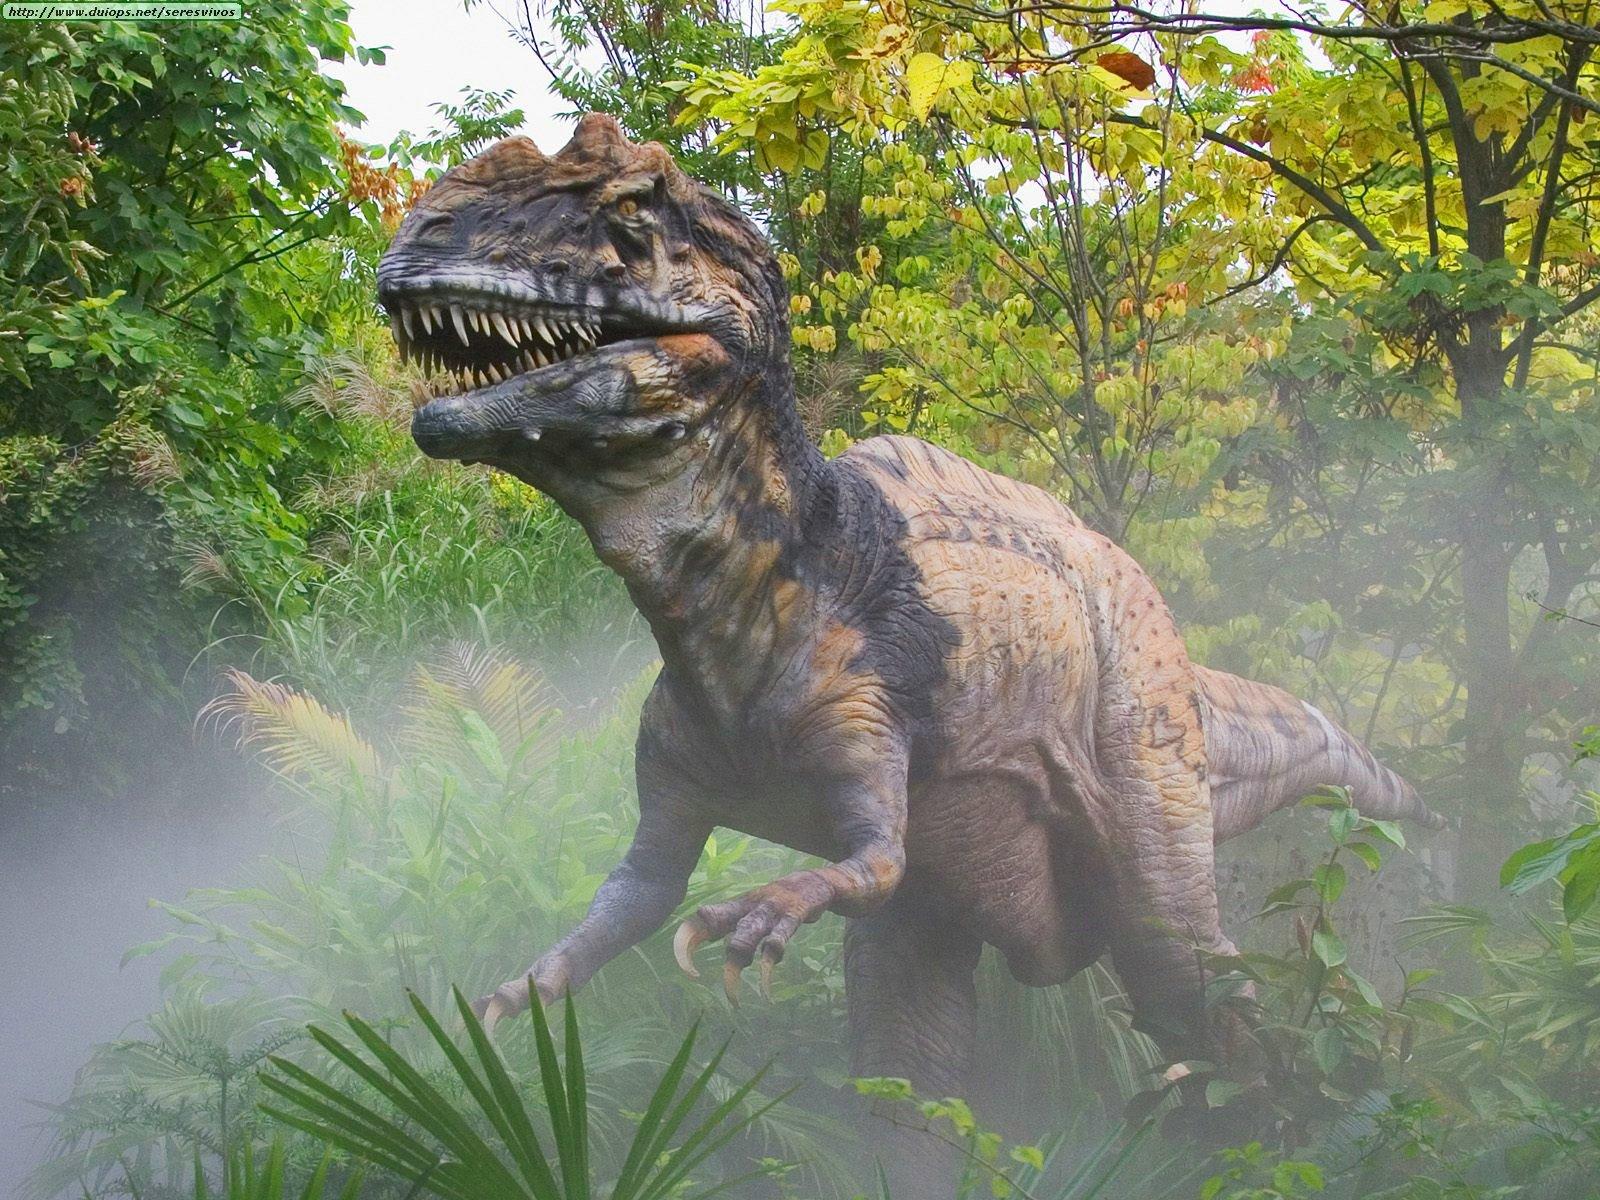 Картинки динозавров цветные с названиями - 0d